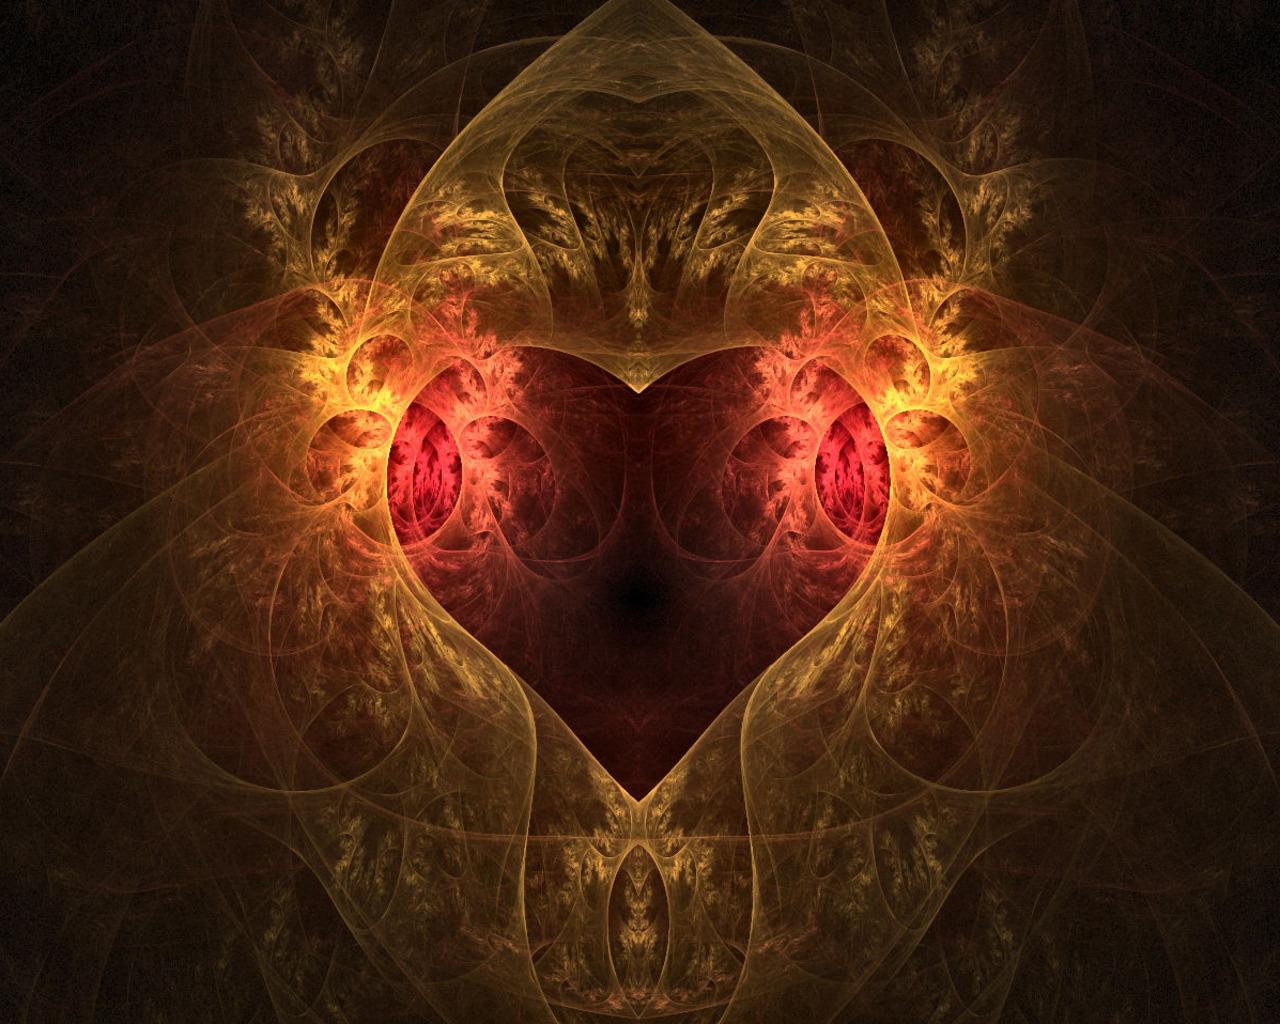 http://1.bp.blogspot.com/_Qc6aMdLT994/TMeGoYCgjaI/AAAAAAAAGV0/PHaRbRrcGYs/s1600/%D0%9A%D0%BE%D0%BF%D0%B8%D1%8F%2Binside-my-broken-heart.jpg